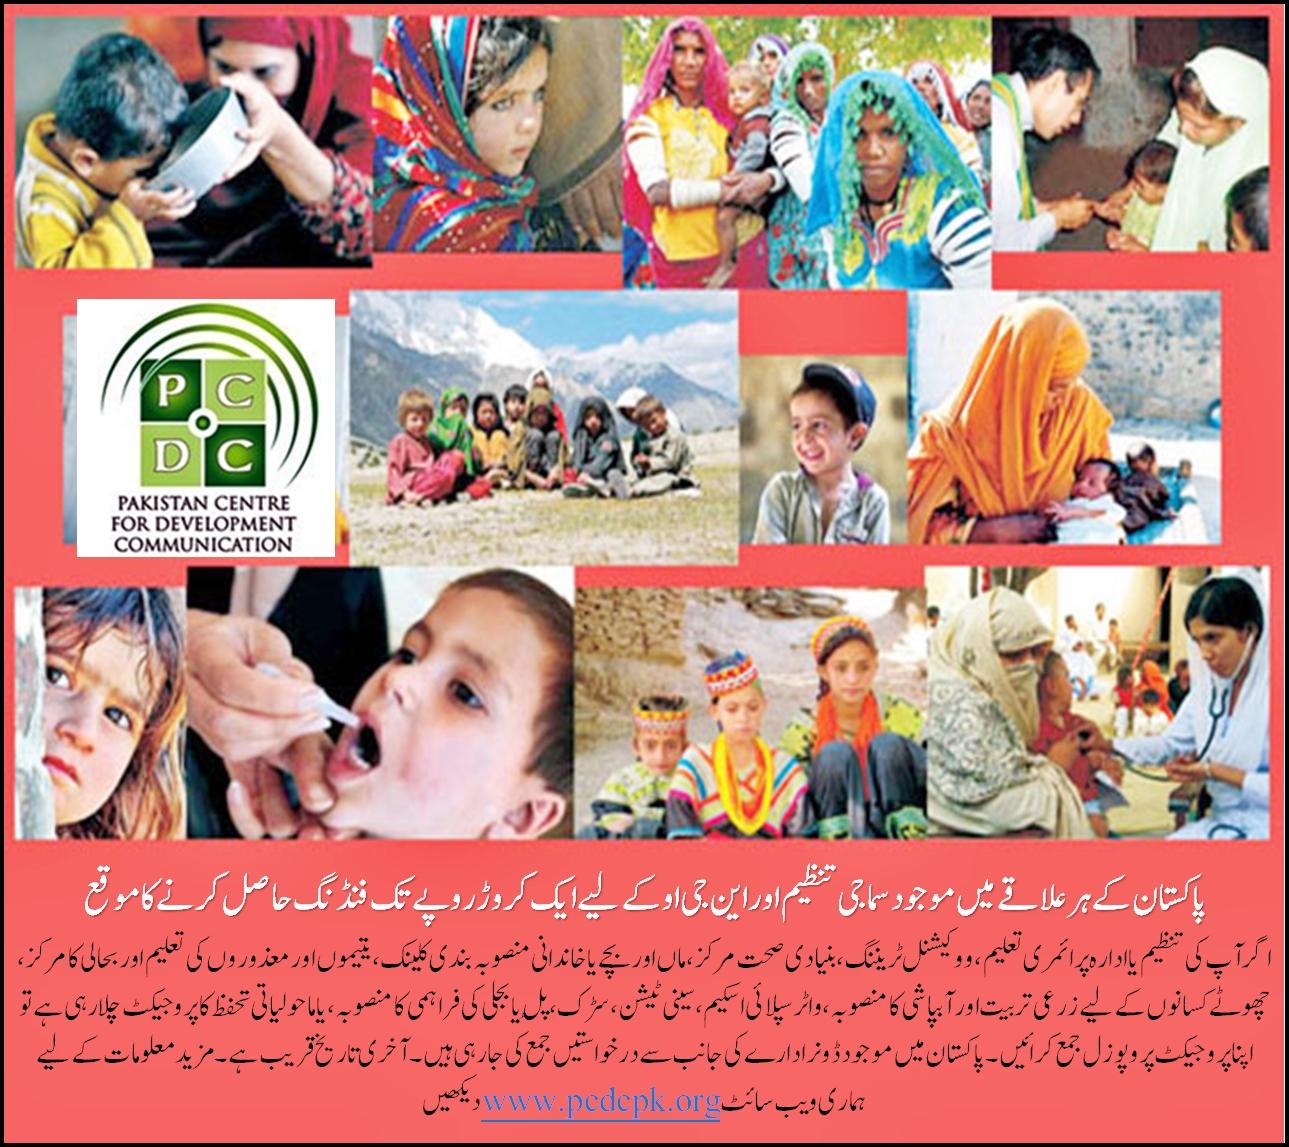 پاکستان کے ہر علاقے میں موجود سماجی تنظیم اور این جی او کے لیےایک کروڑ روپے تک فنڈنگ حاصل کرنے کا موقع